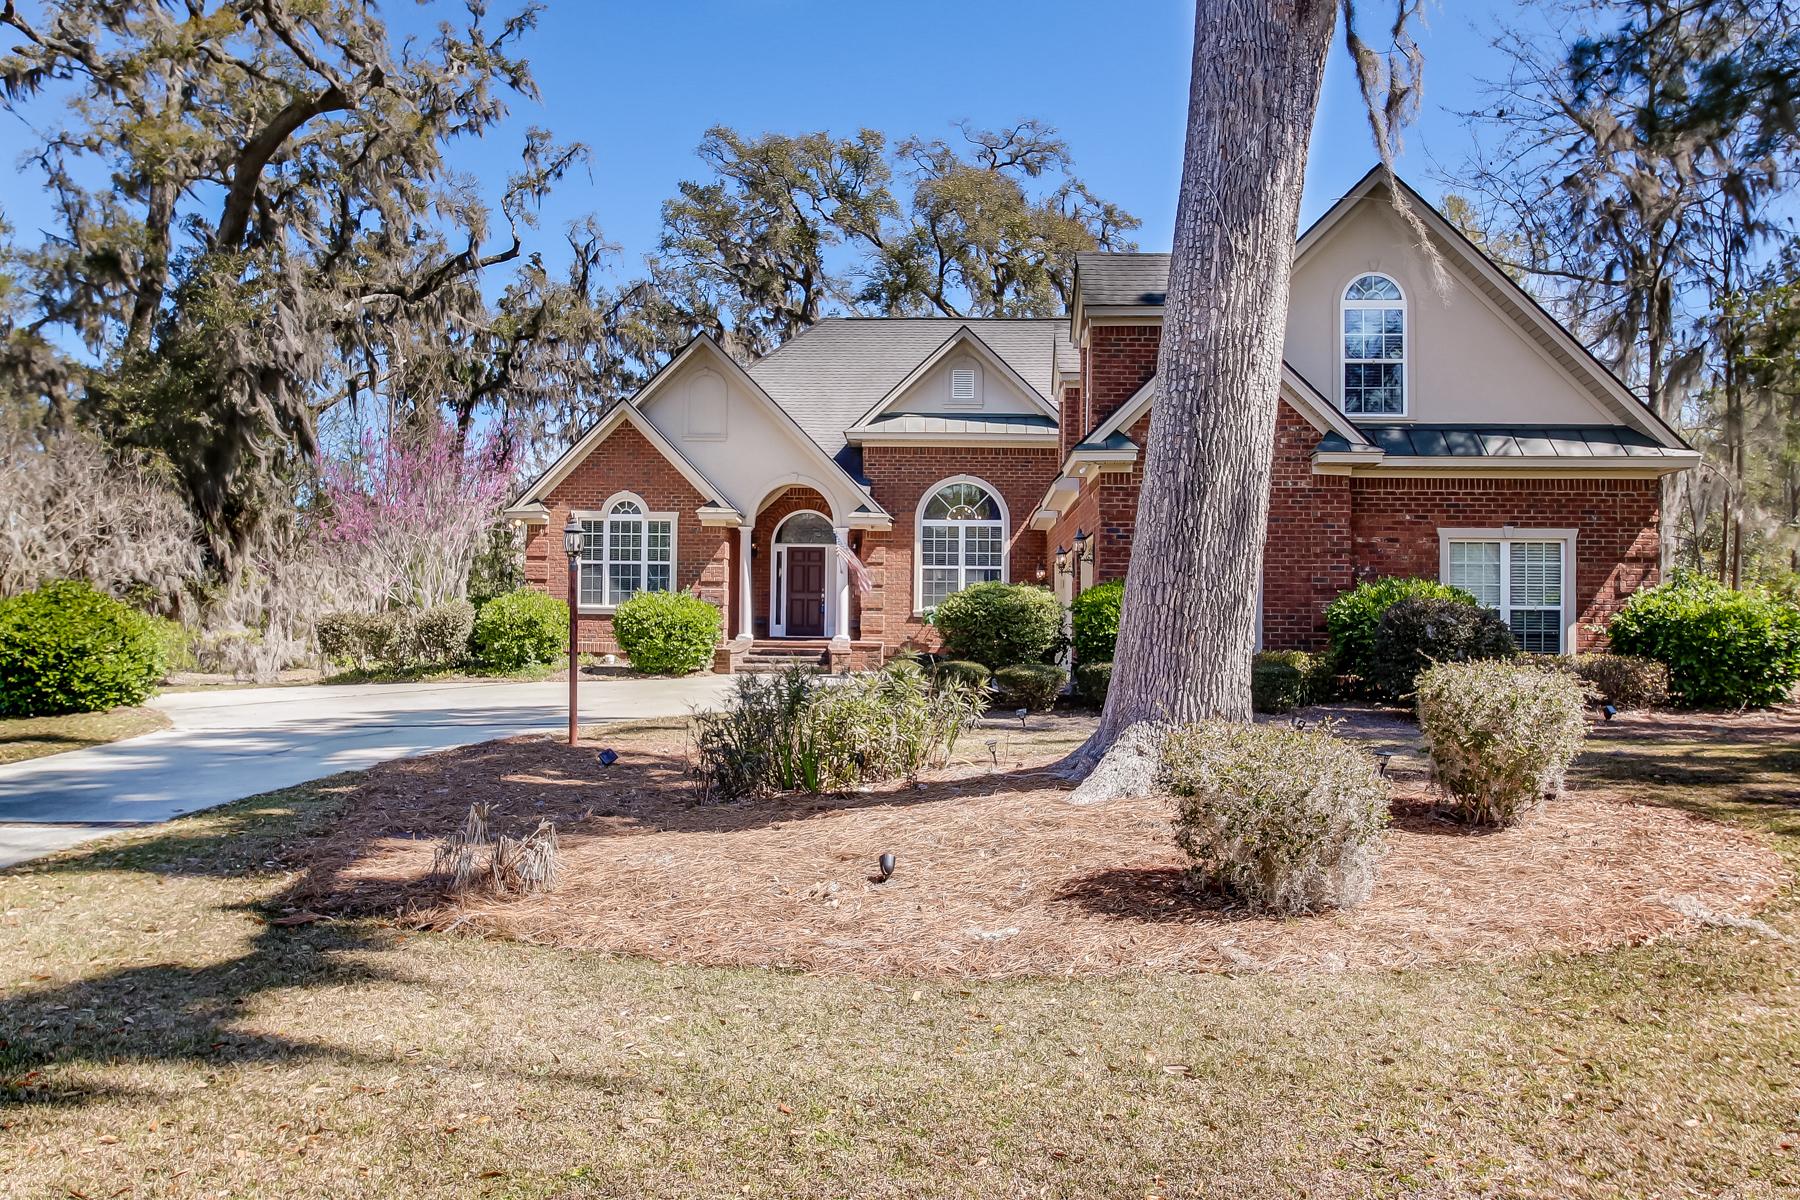 Μονοκατοικία για την Πώληση στο 45 McNeil Trail Richmond Hill, Γεωργια 31324 Ηνωμενεσ Πολιτειεσ